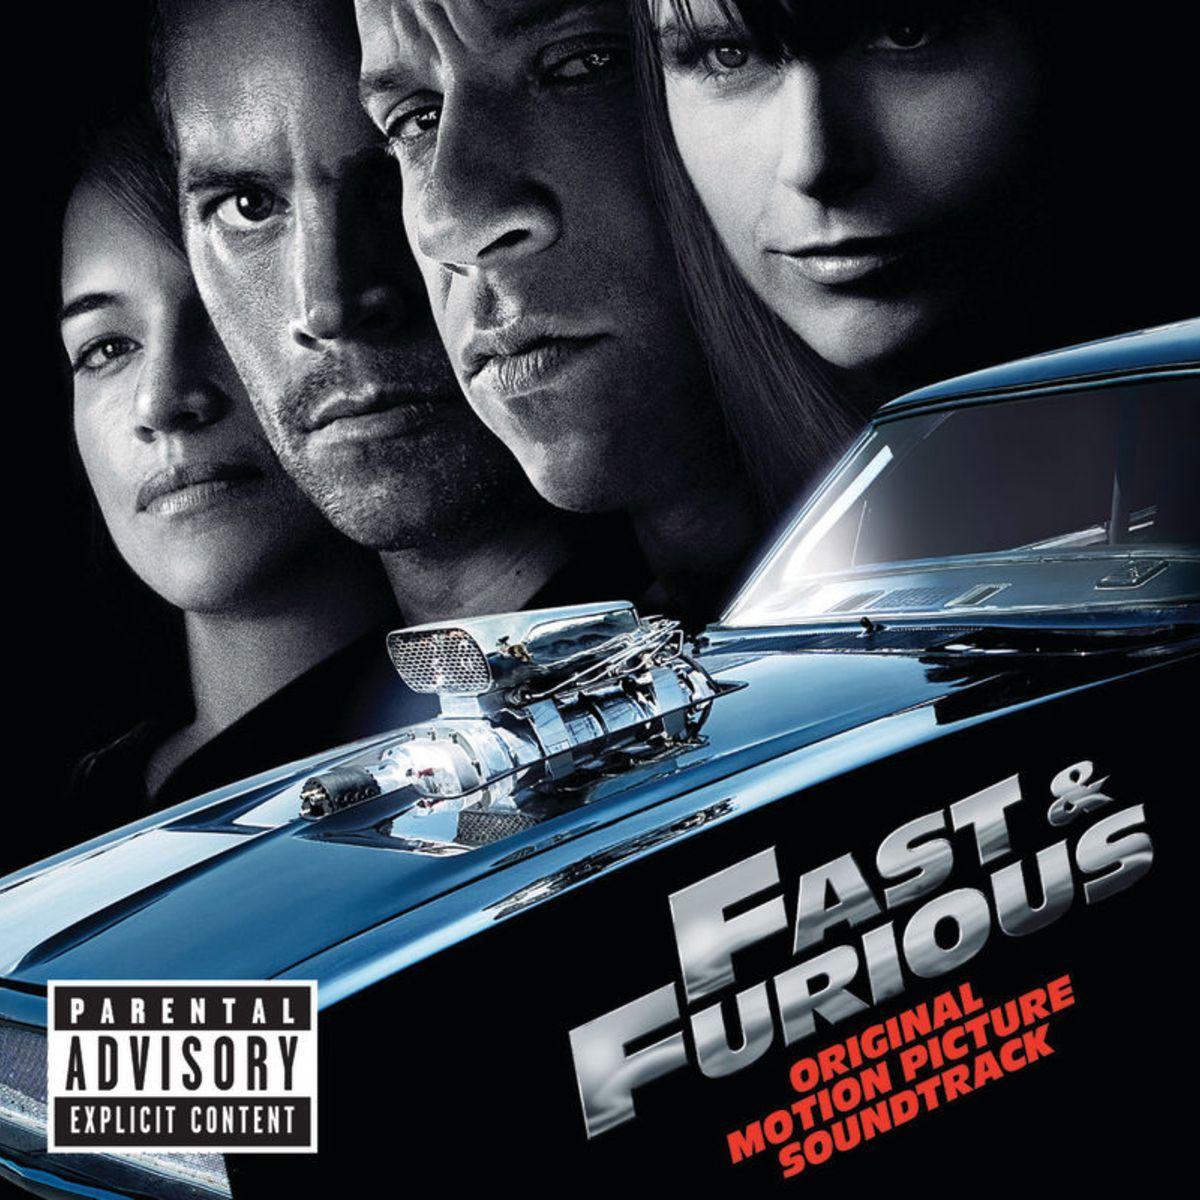 Various artists - fast  furious 6 (original motion picture soundtrack)- itunes album